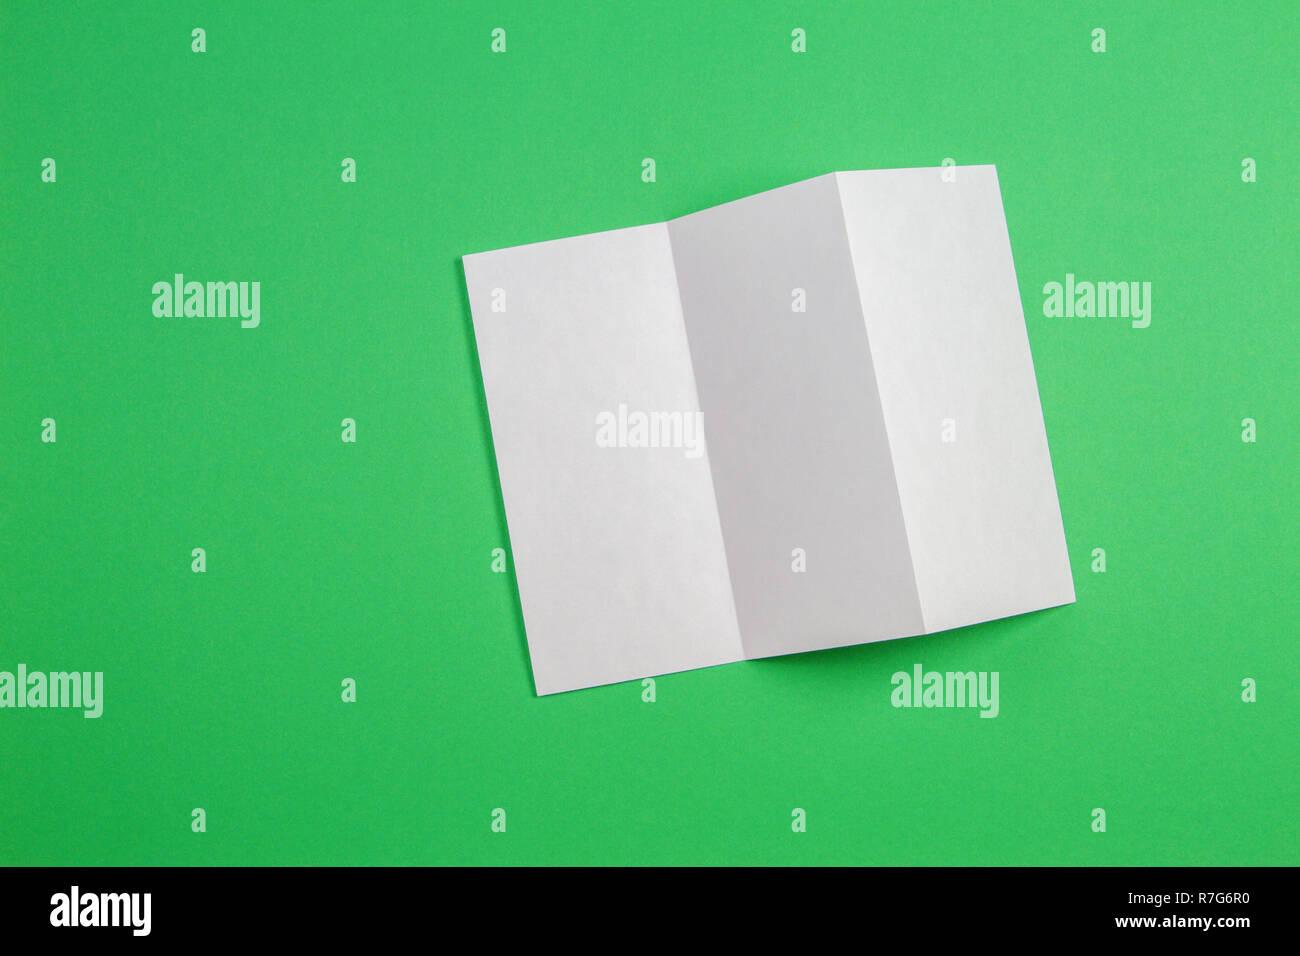 Boceto del folleto plegado triple blanco folleto sobre fondo verde. Foto de stock